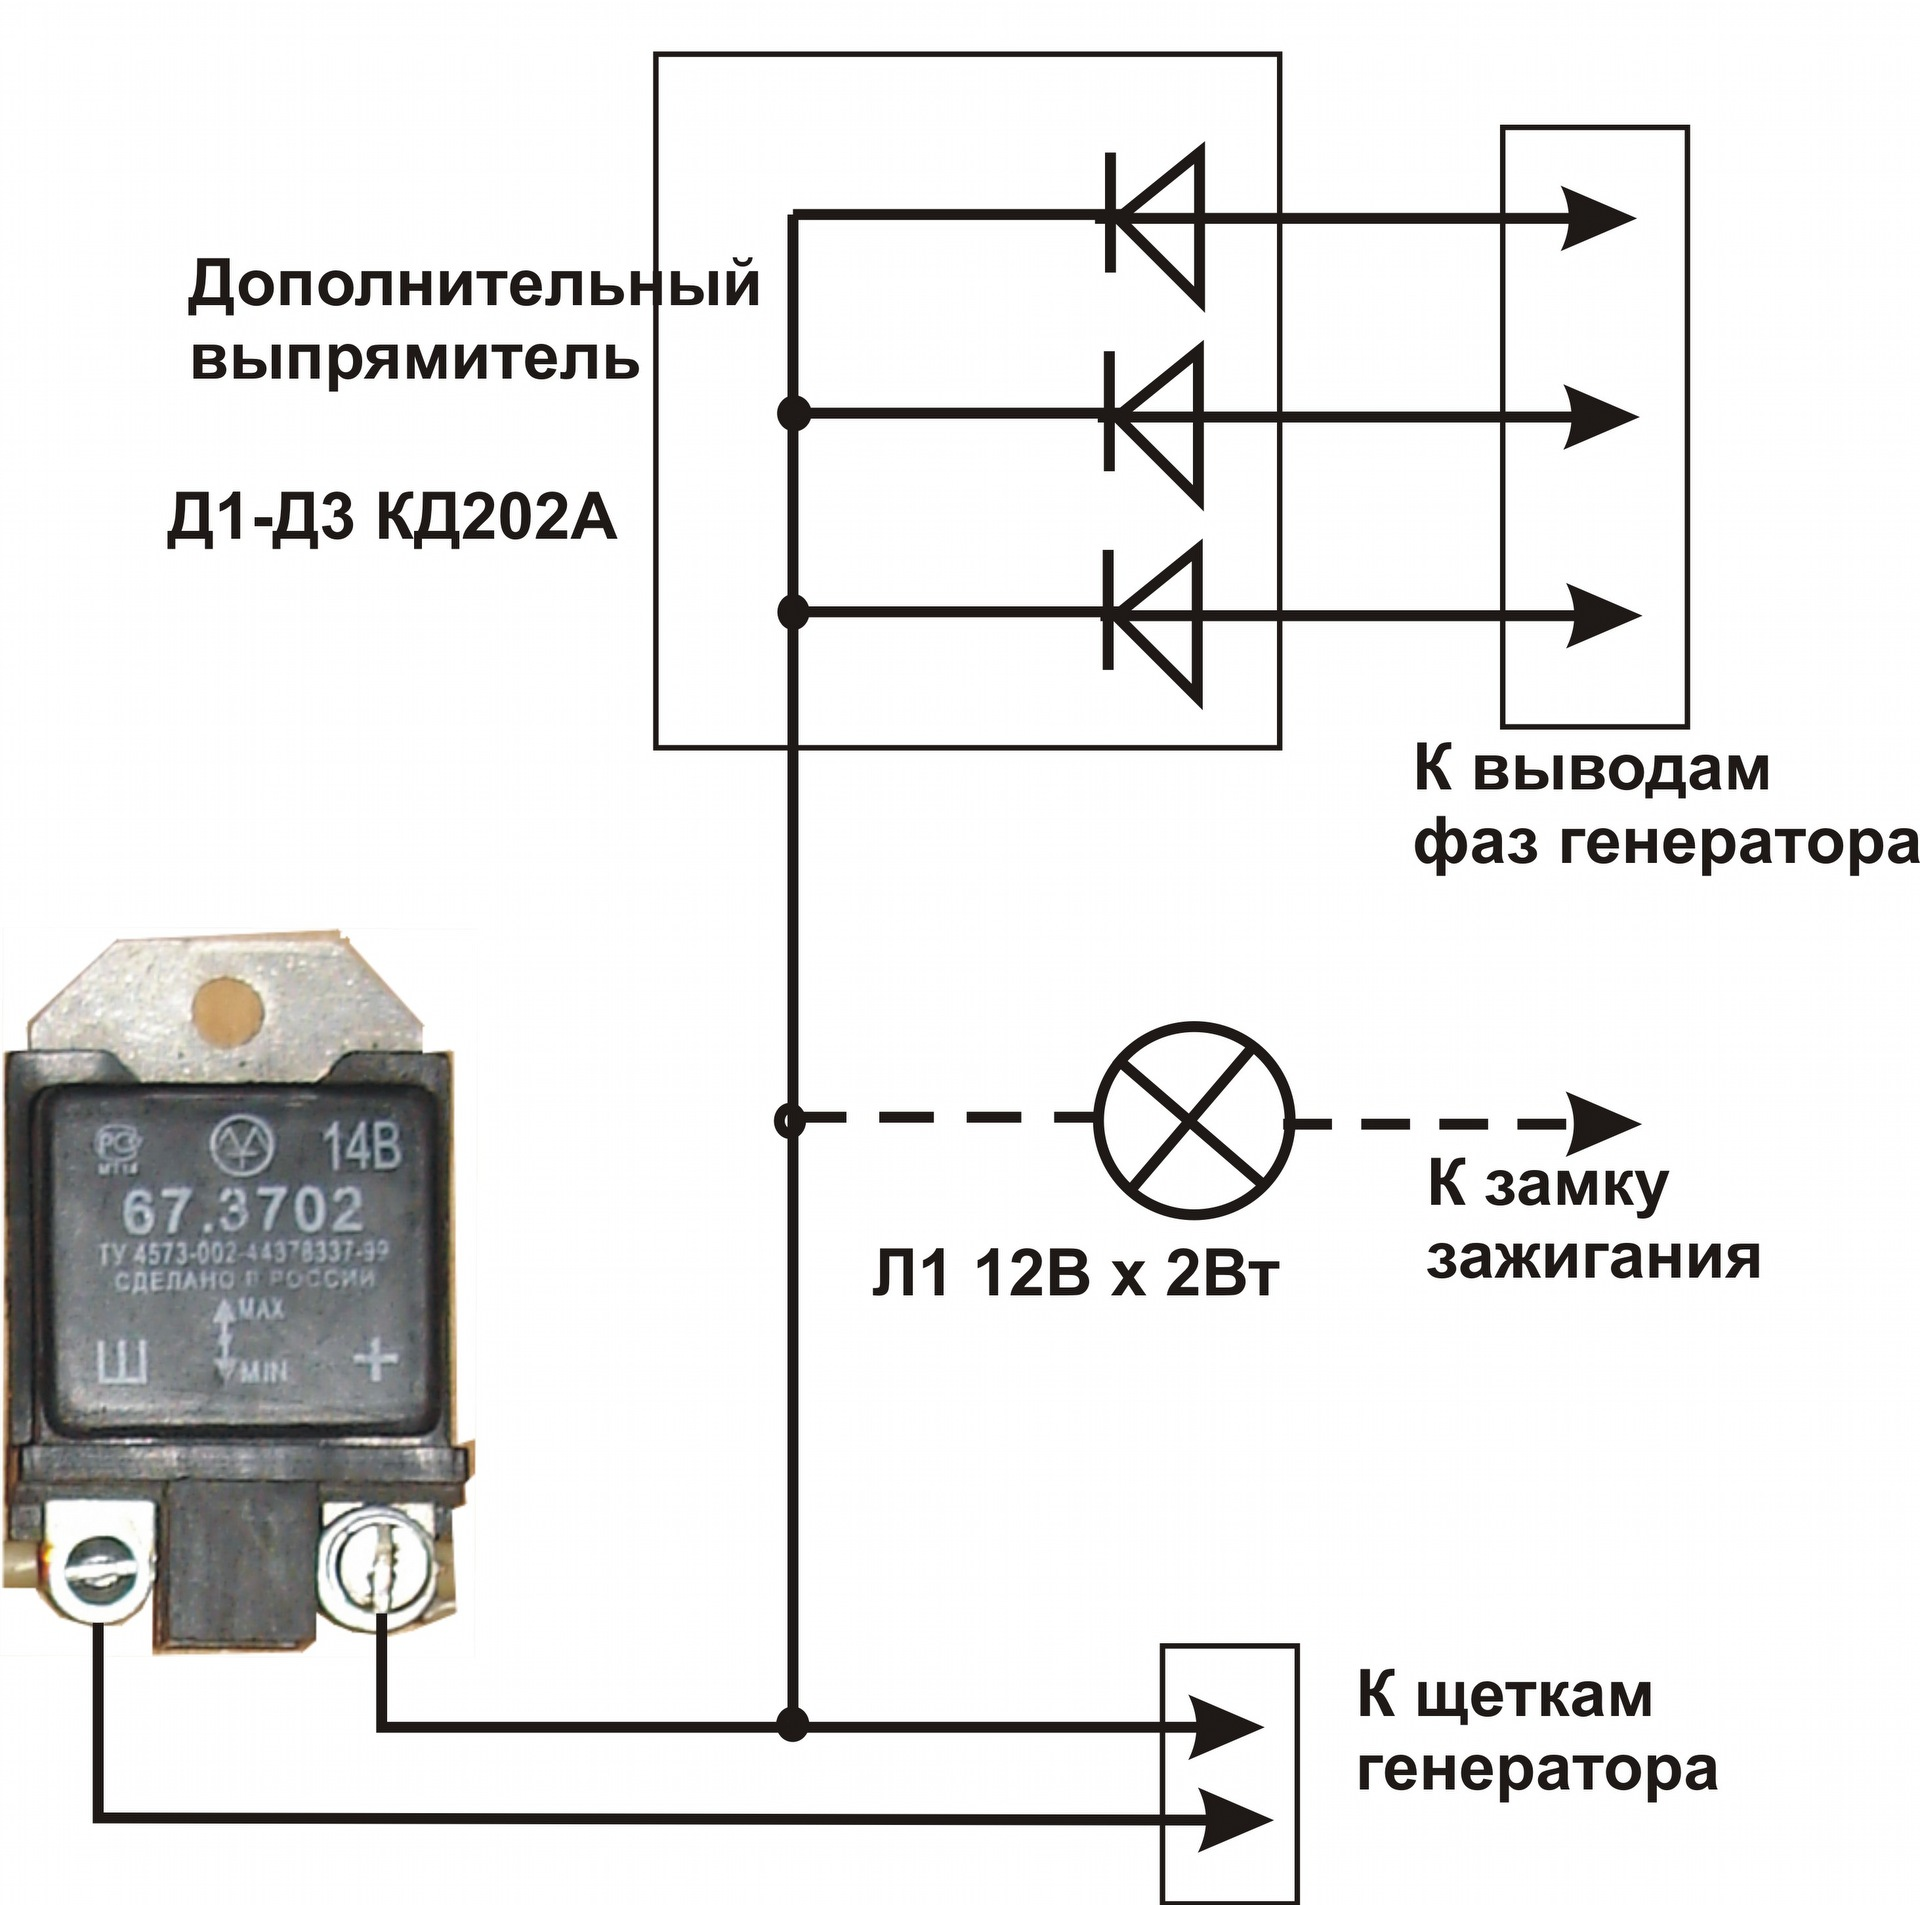 Схема подключения реле-регулятора 61.3702-01